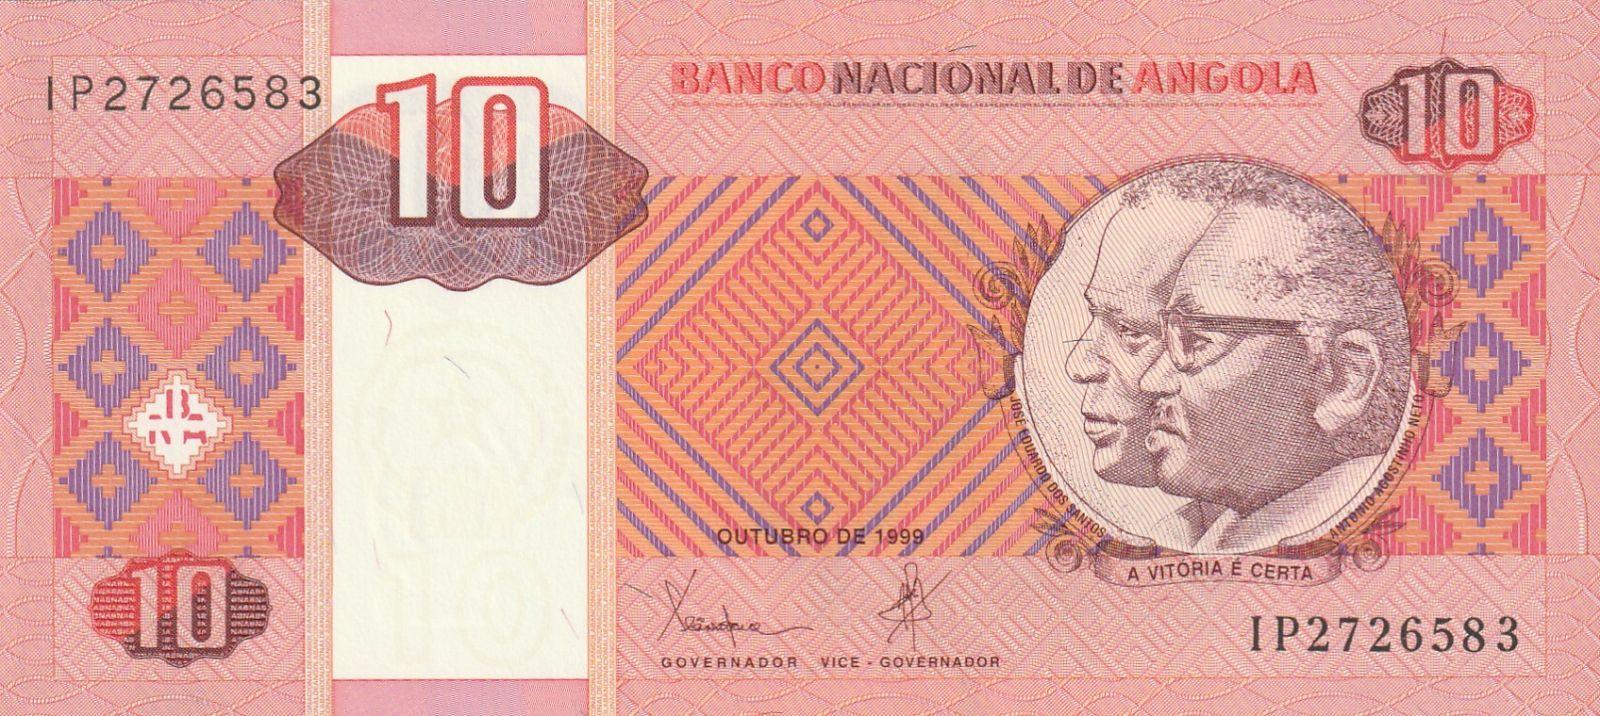 10 Kwanzas, Angola, 1999